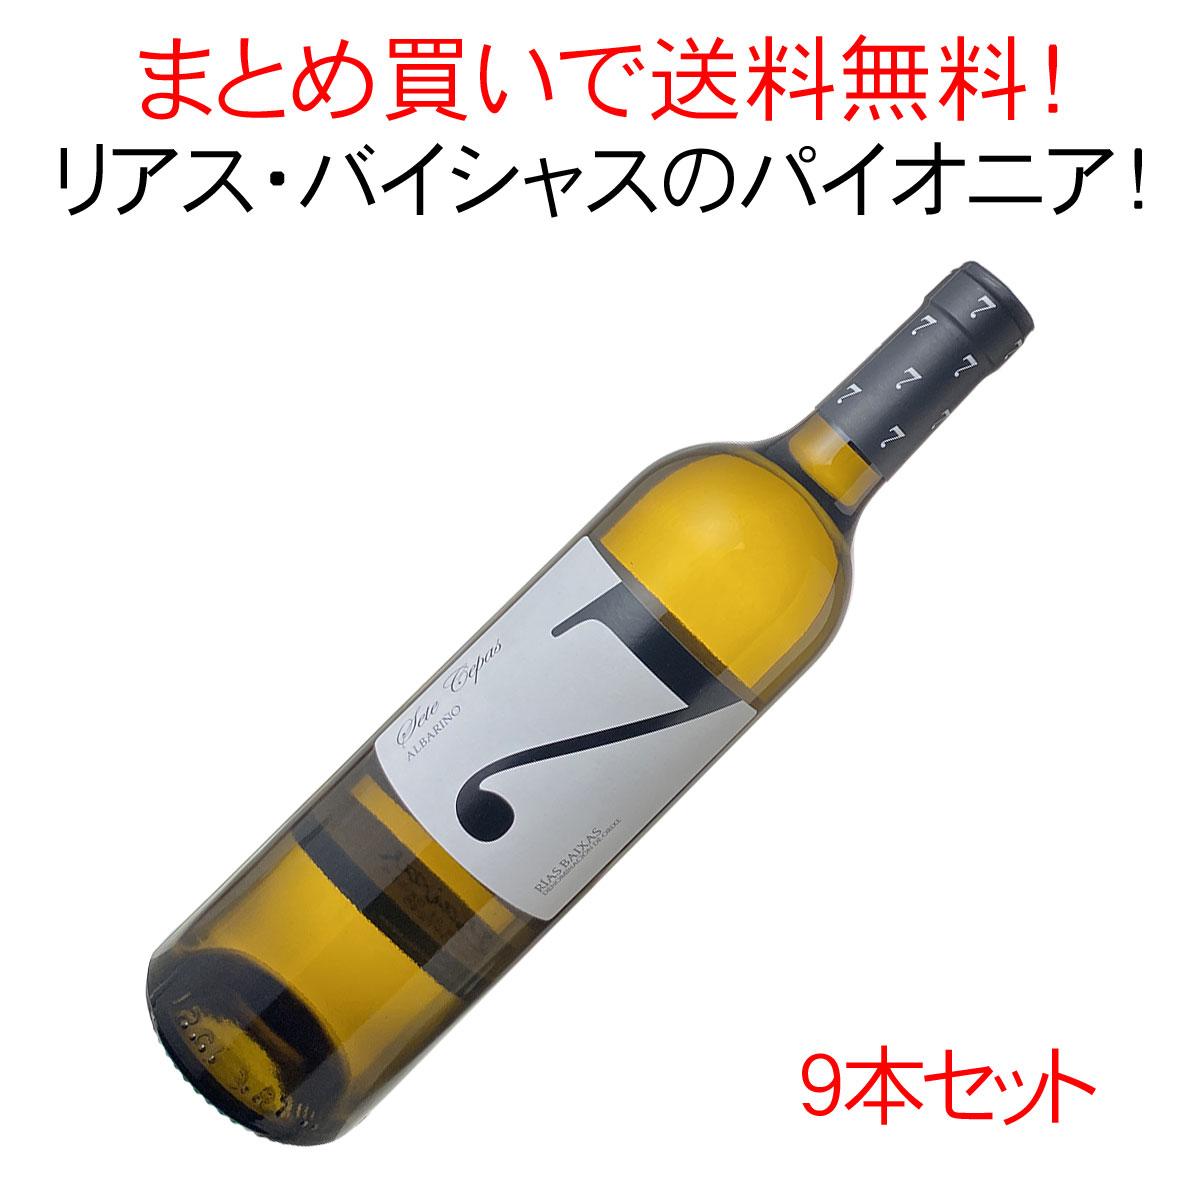 【送料無料】セテ・セパス アルバリーニョ [2019] ボデガ・カルバジャル 1ケース9本セット <ワイン/スペイン>